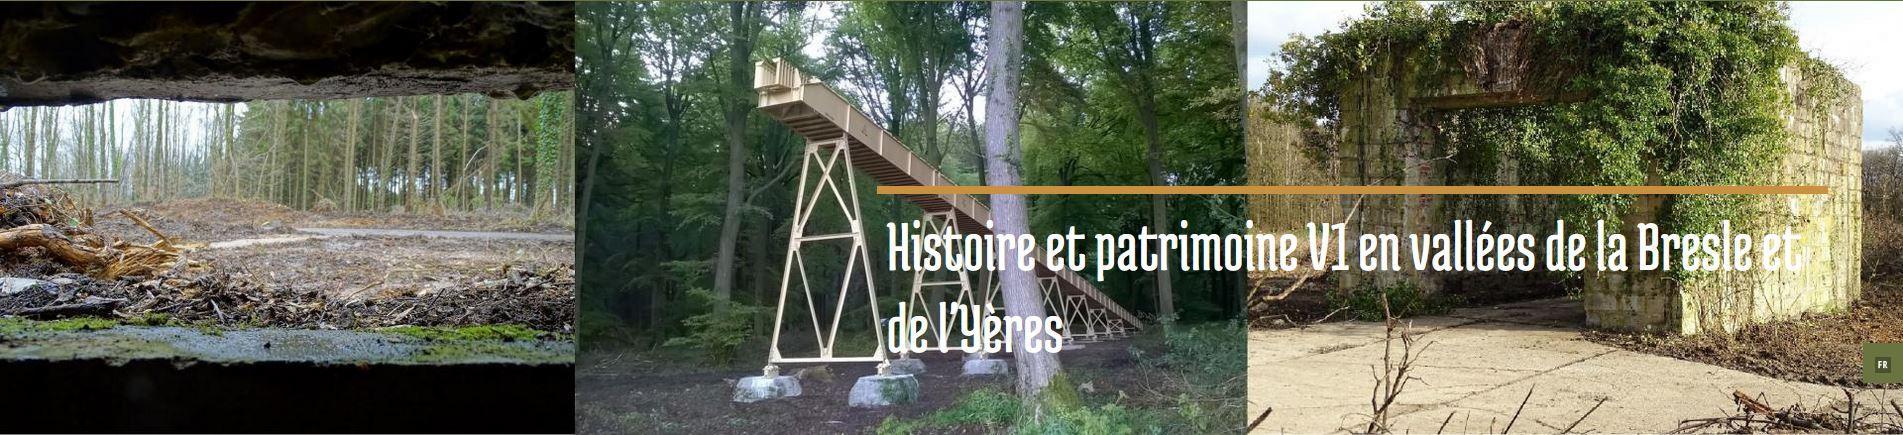 L'itinéraire de randonnée historique et de mémoire V1 en vallées de l'Yères et de la Bresle